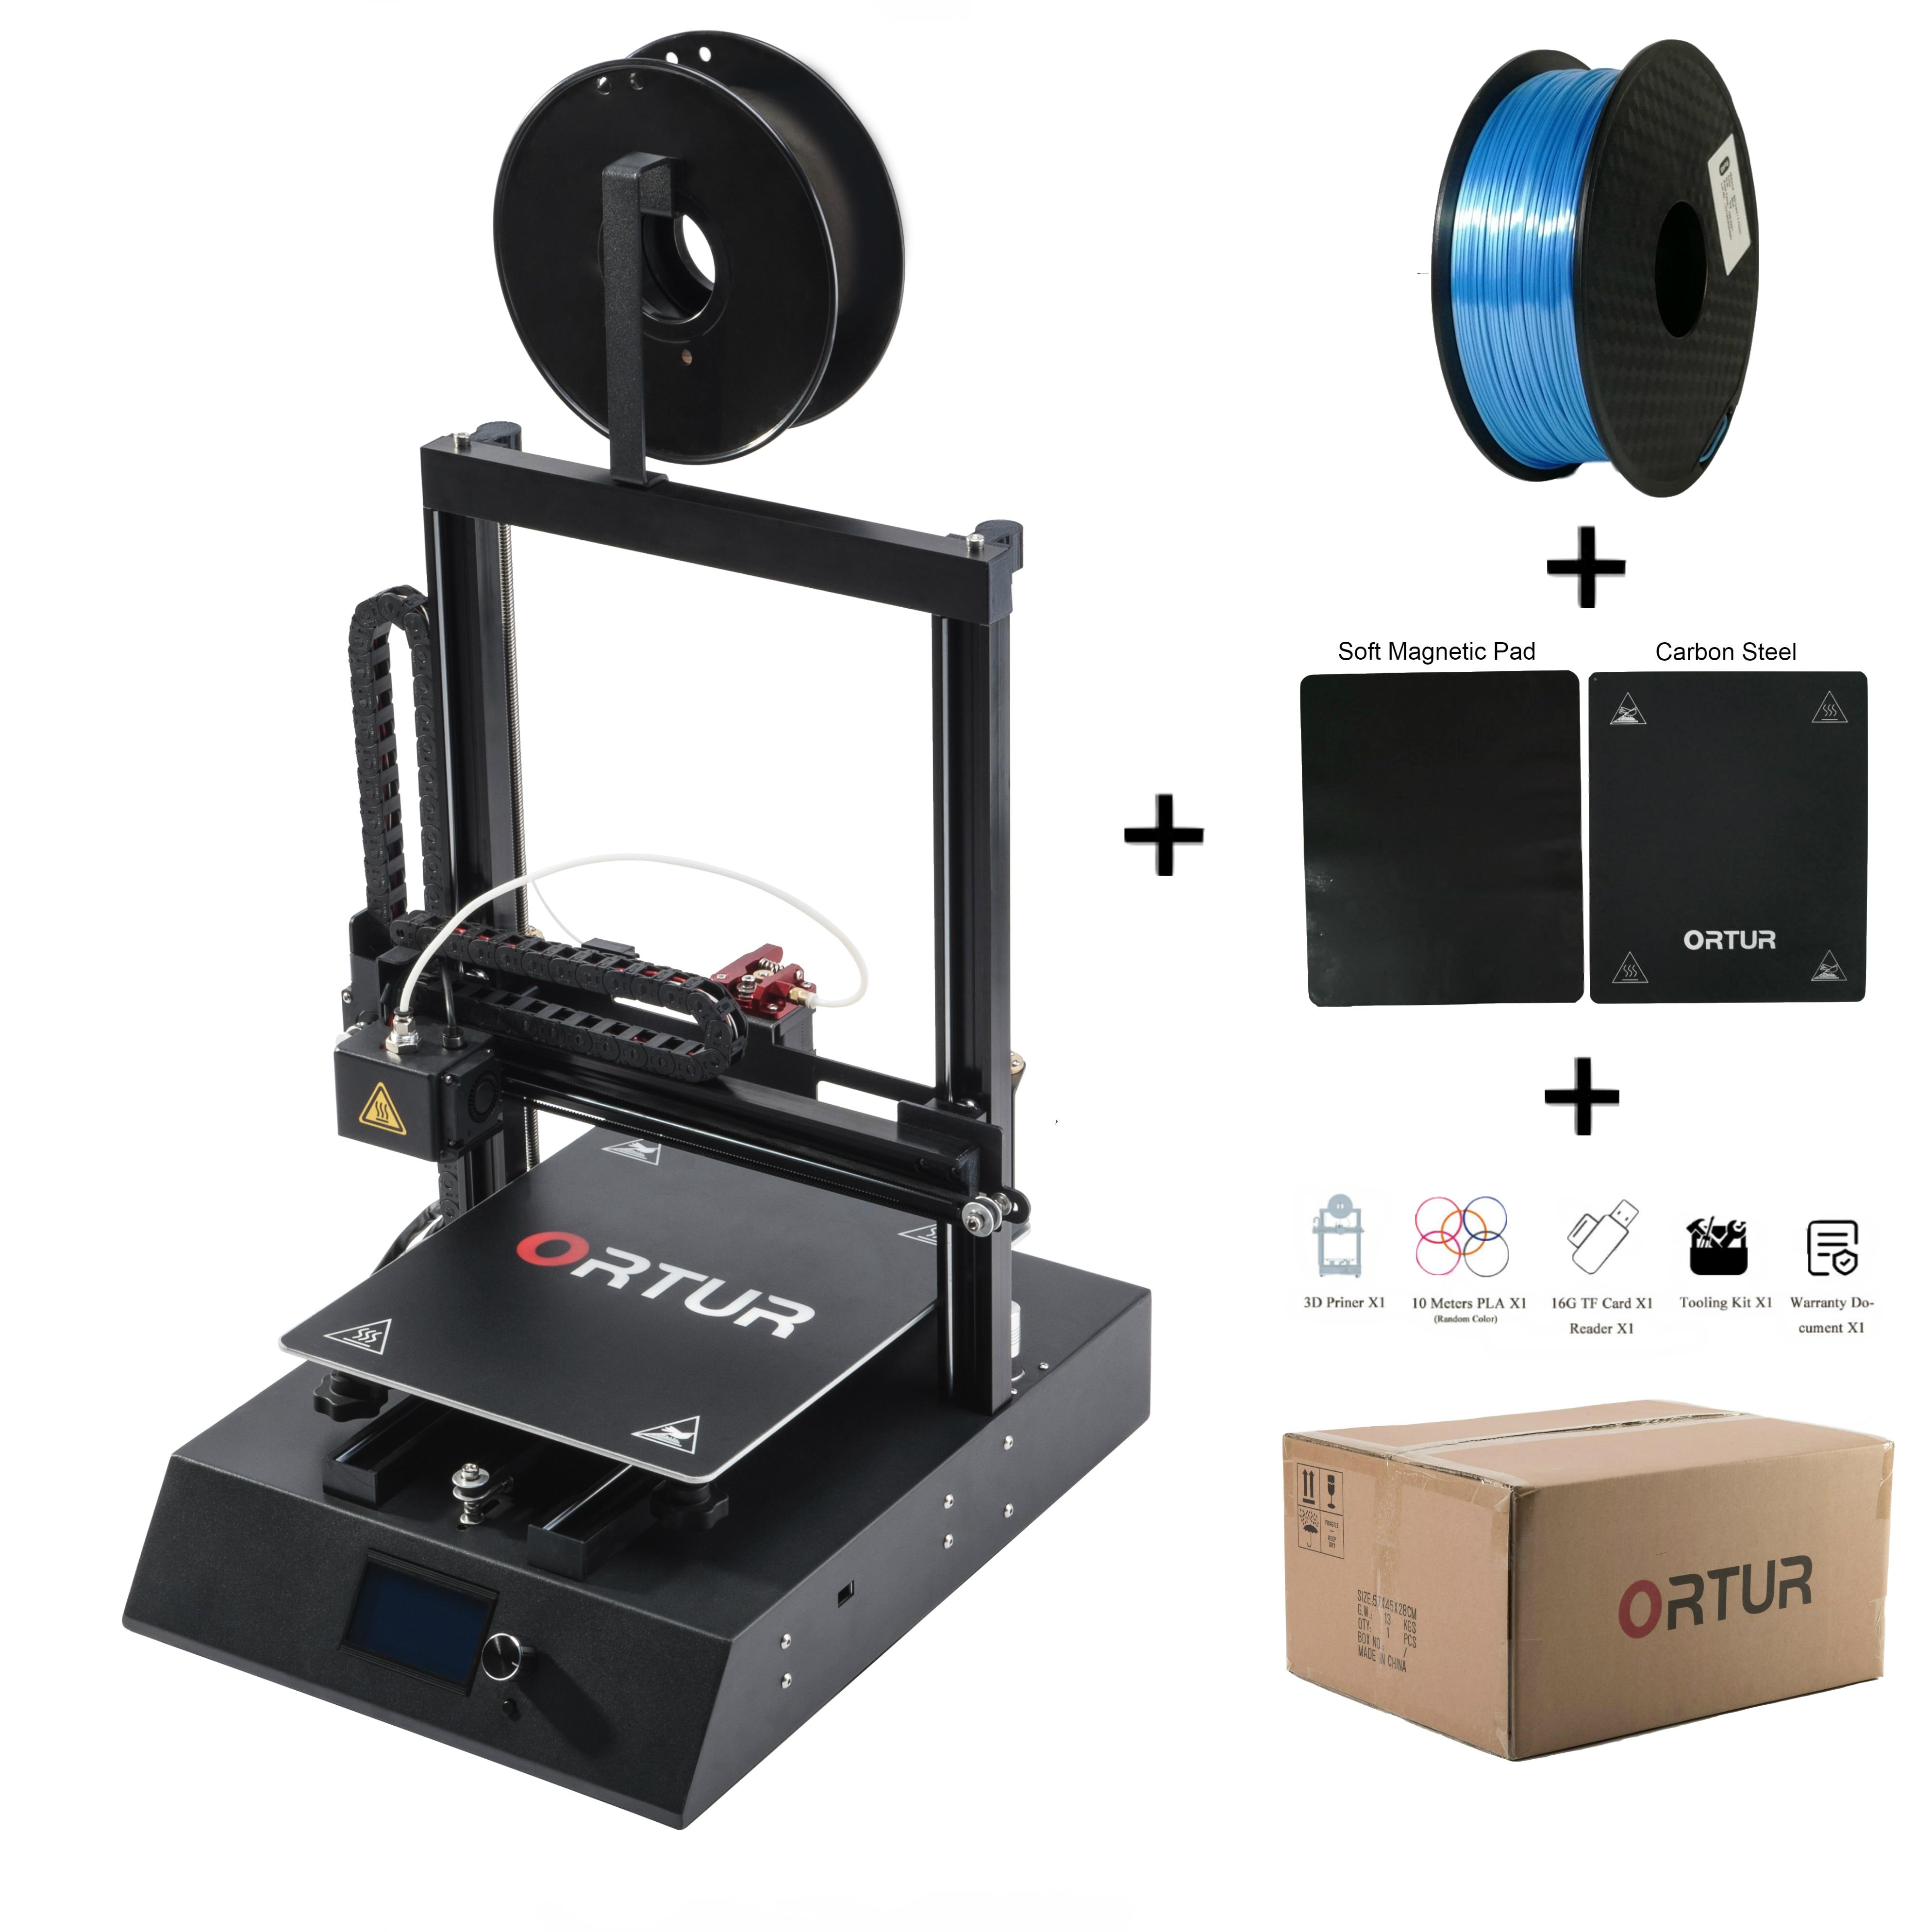 Adatto per I Principianti Ortur4 Metallo 3D di Stampa Della Stampante Kit FAI DA TE Magnetico Piattaforma di Costruzione Impresora 3d Guida Lineare Rotaie 3d Drucker